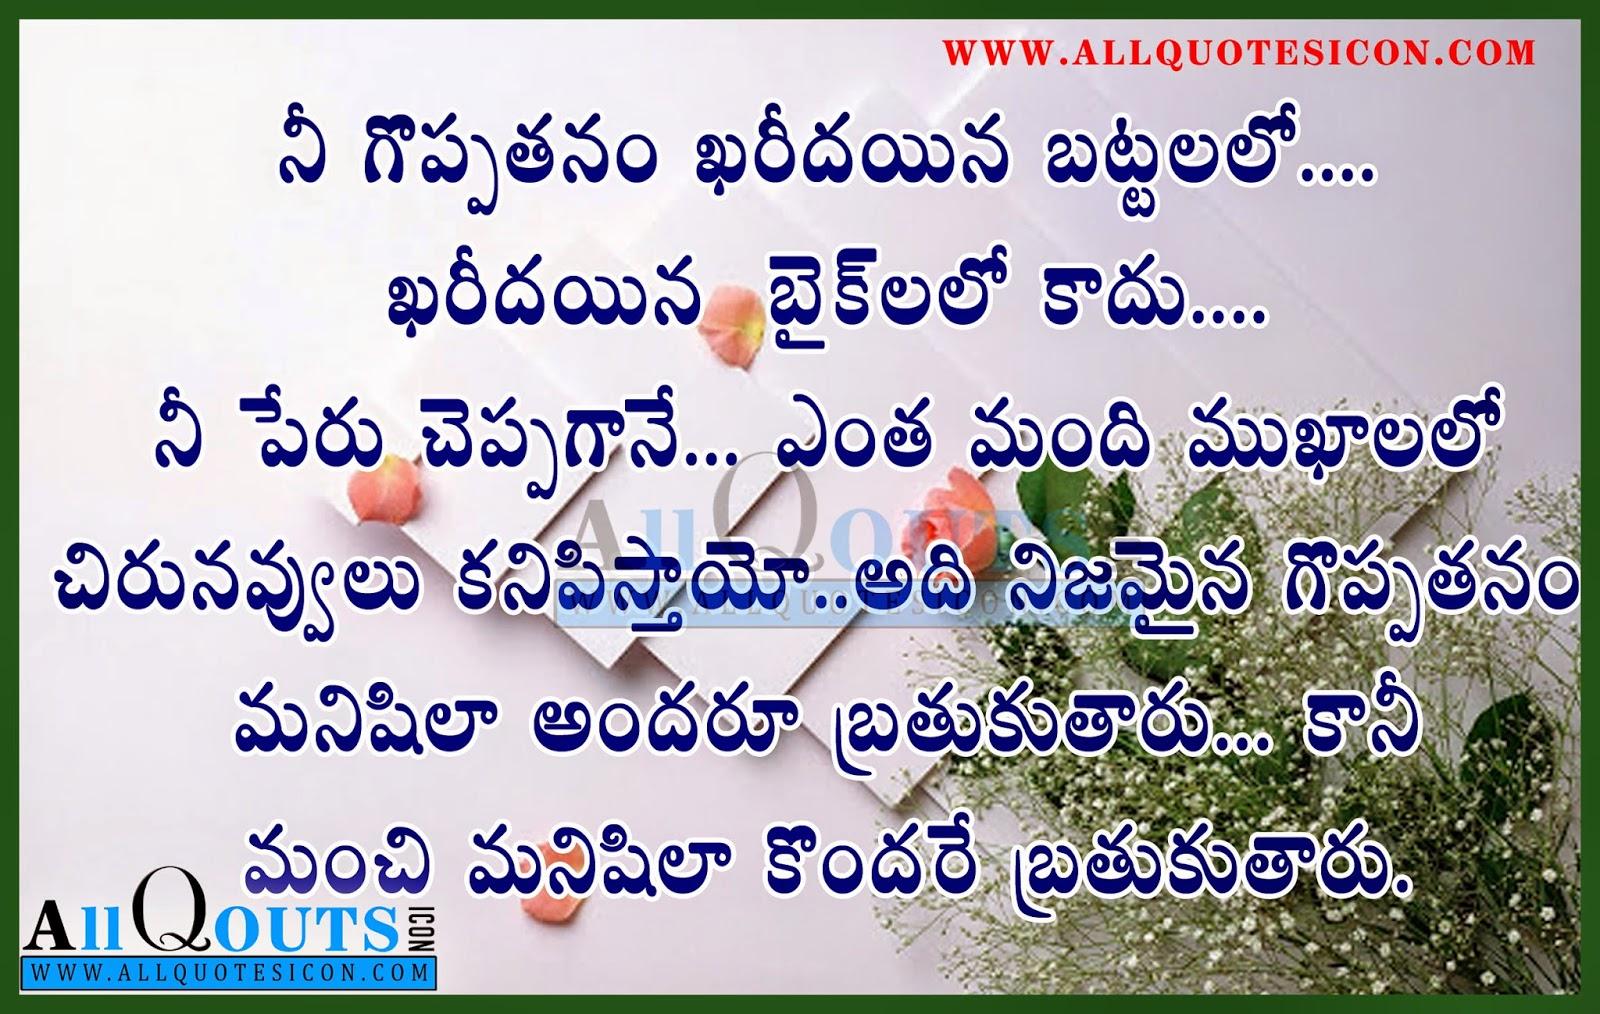 Quotes About Inspiration Gokam Srinivas Gokamsrinivas On Pinterest